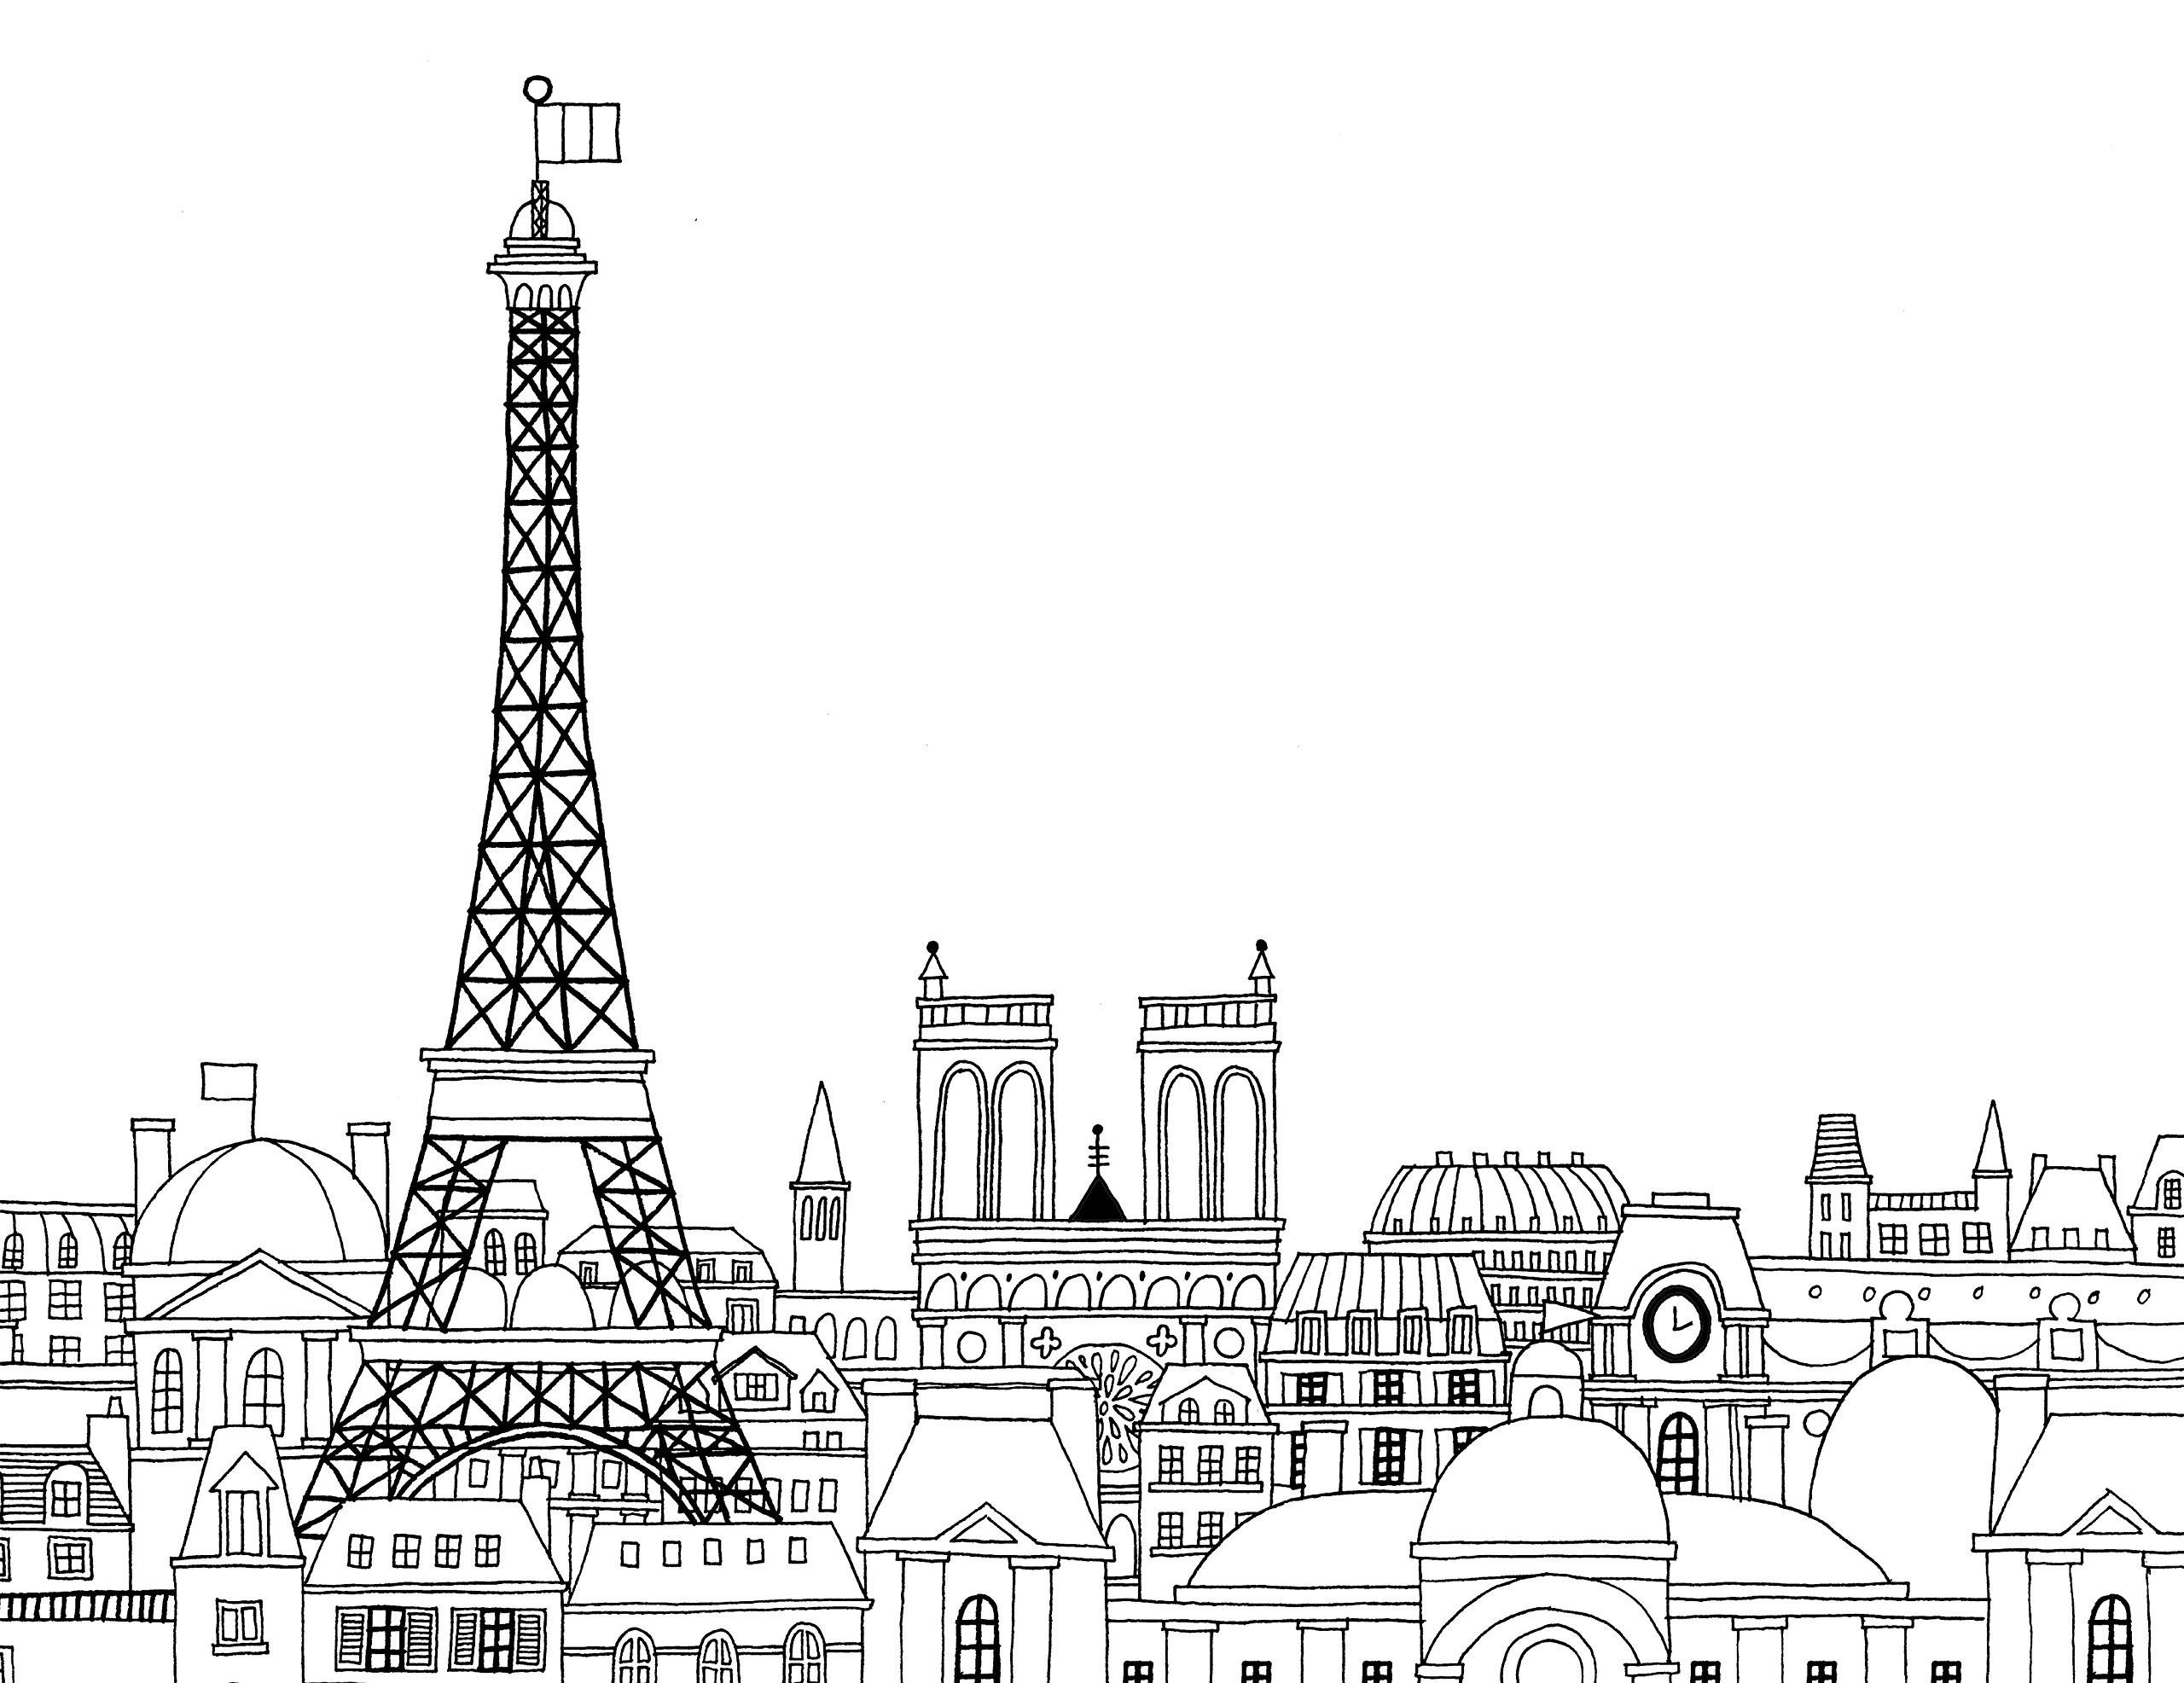 Раскраски сложные для взрослых антистресс город «Эйфелевая башня в Париже», чтобы распечатать